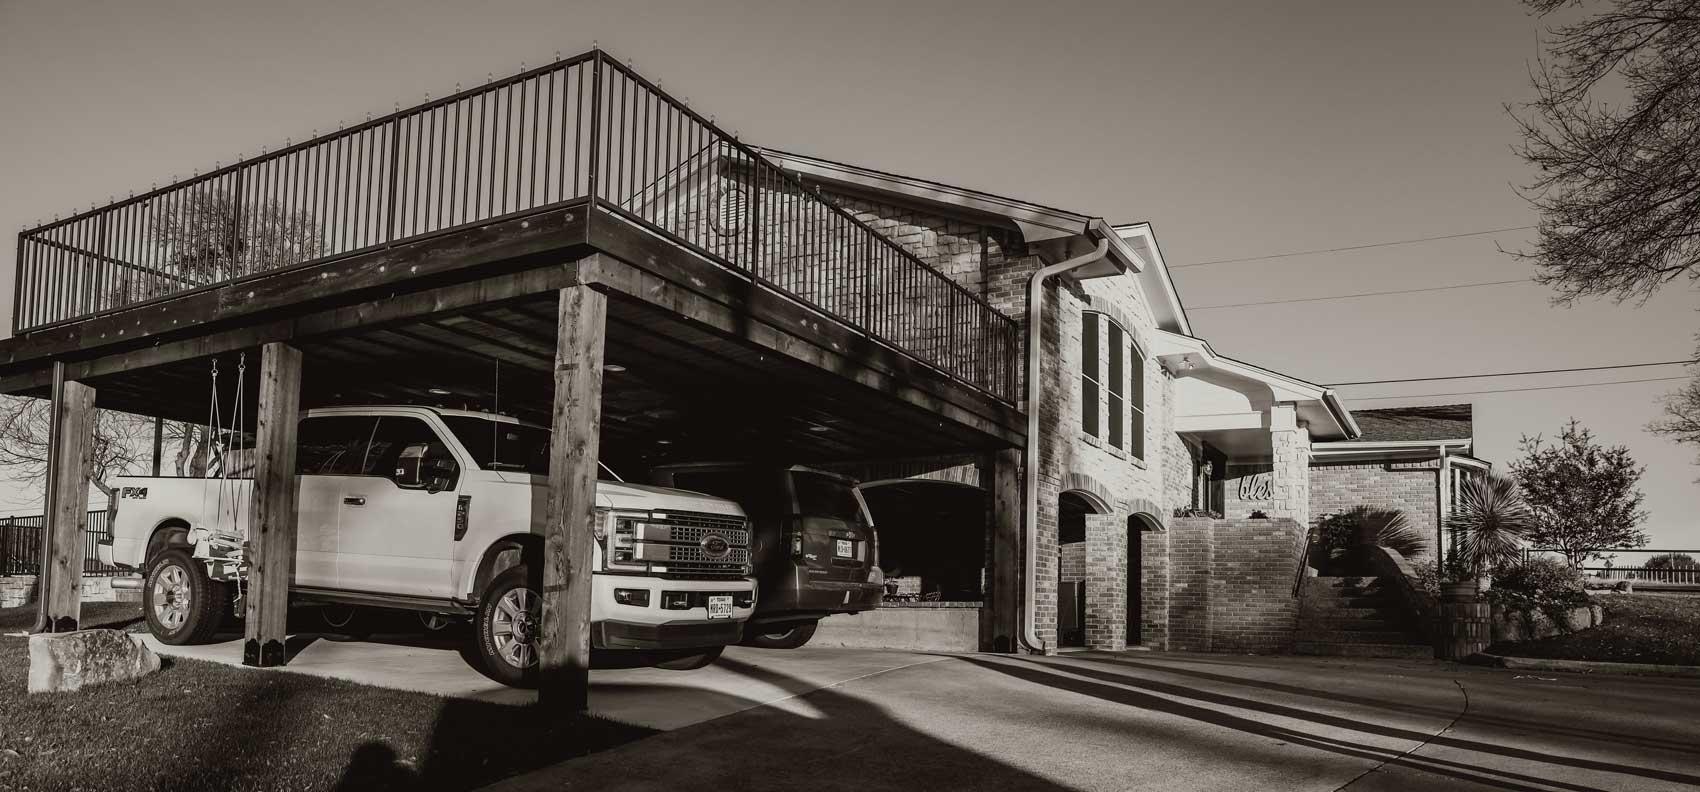 Outdoor Living Contractors Fort Worth Texas